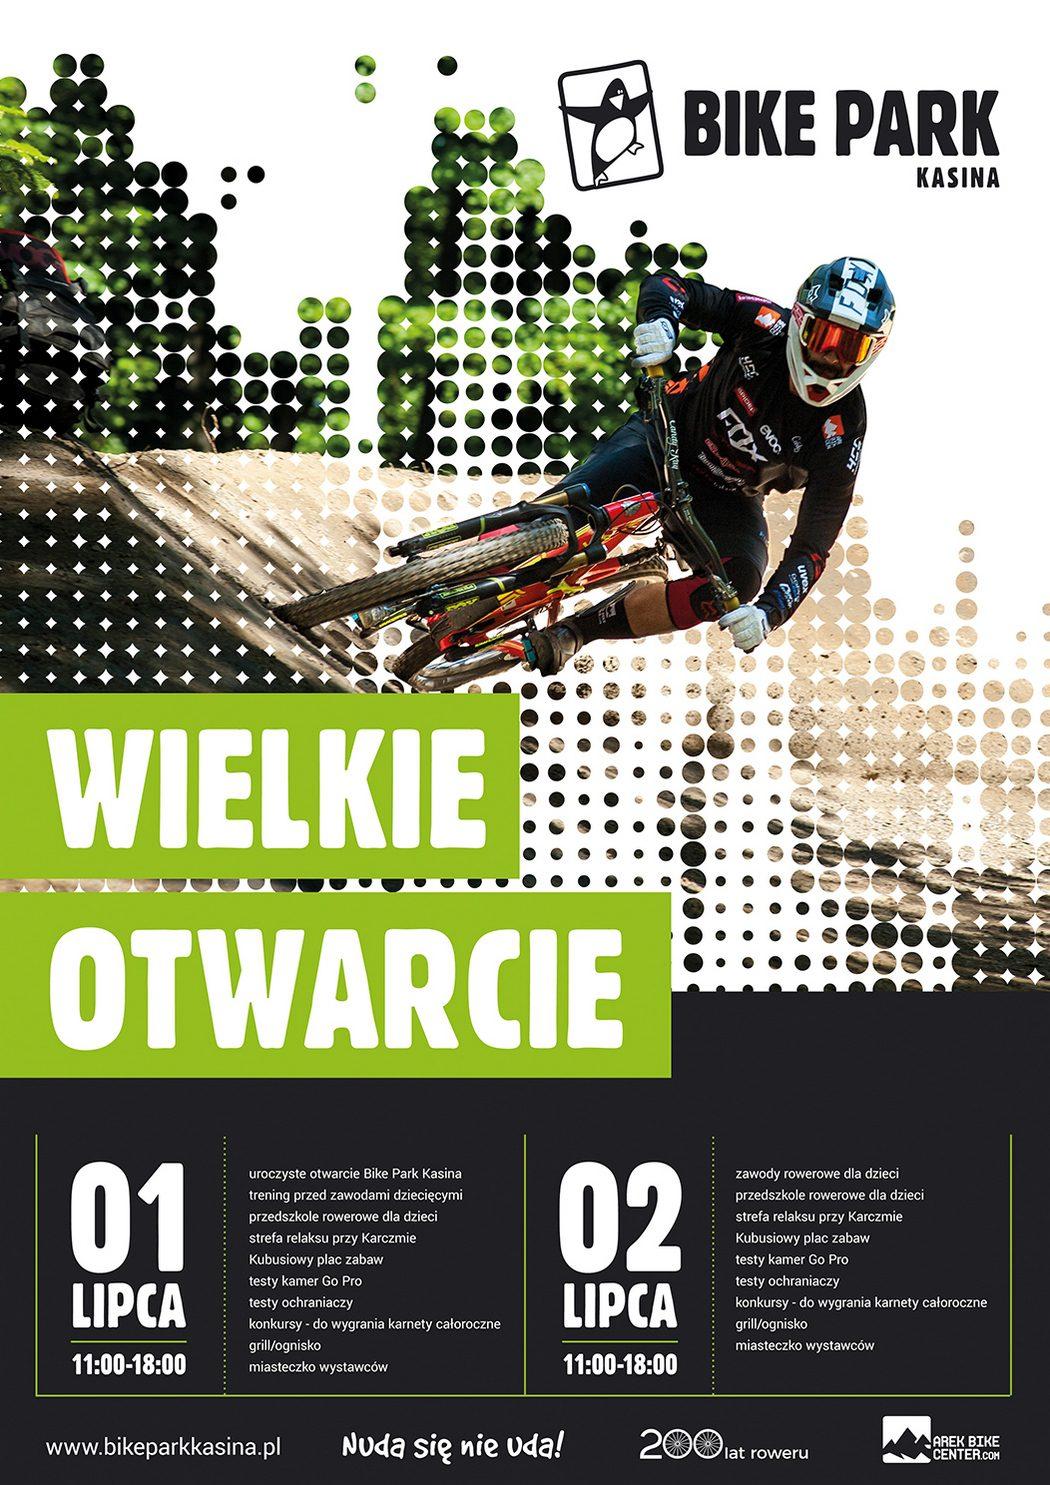 Otwarcie Bike Parku w Kasinie Wielkiej!